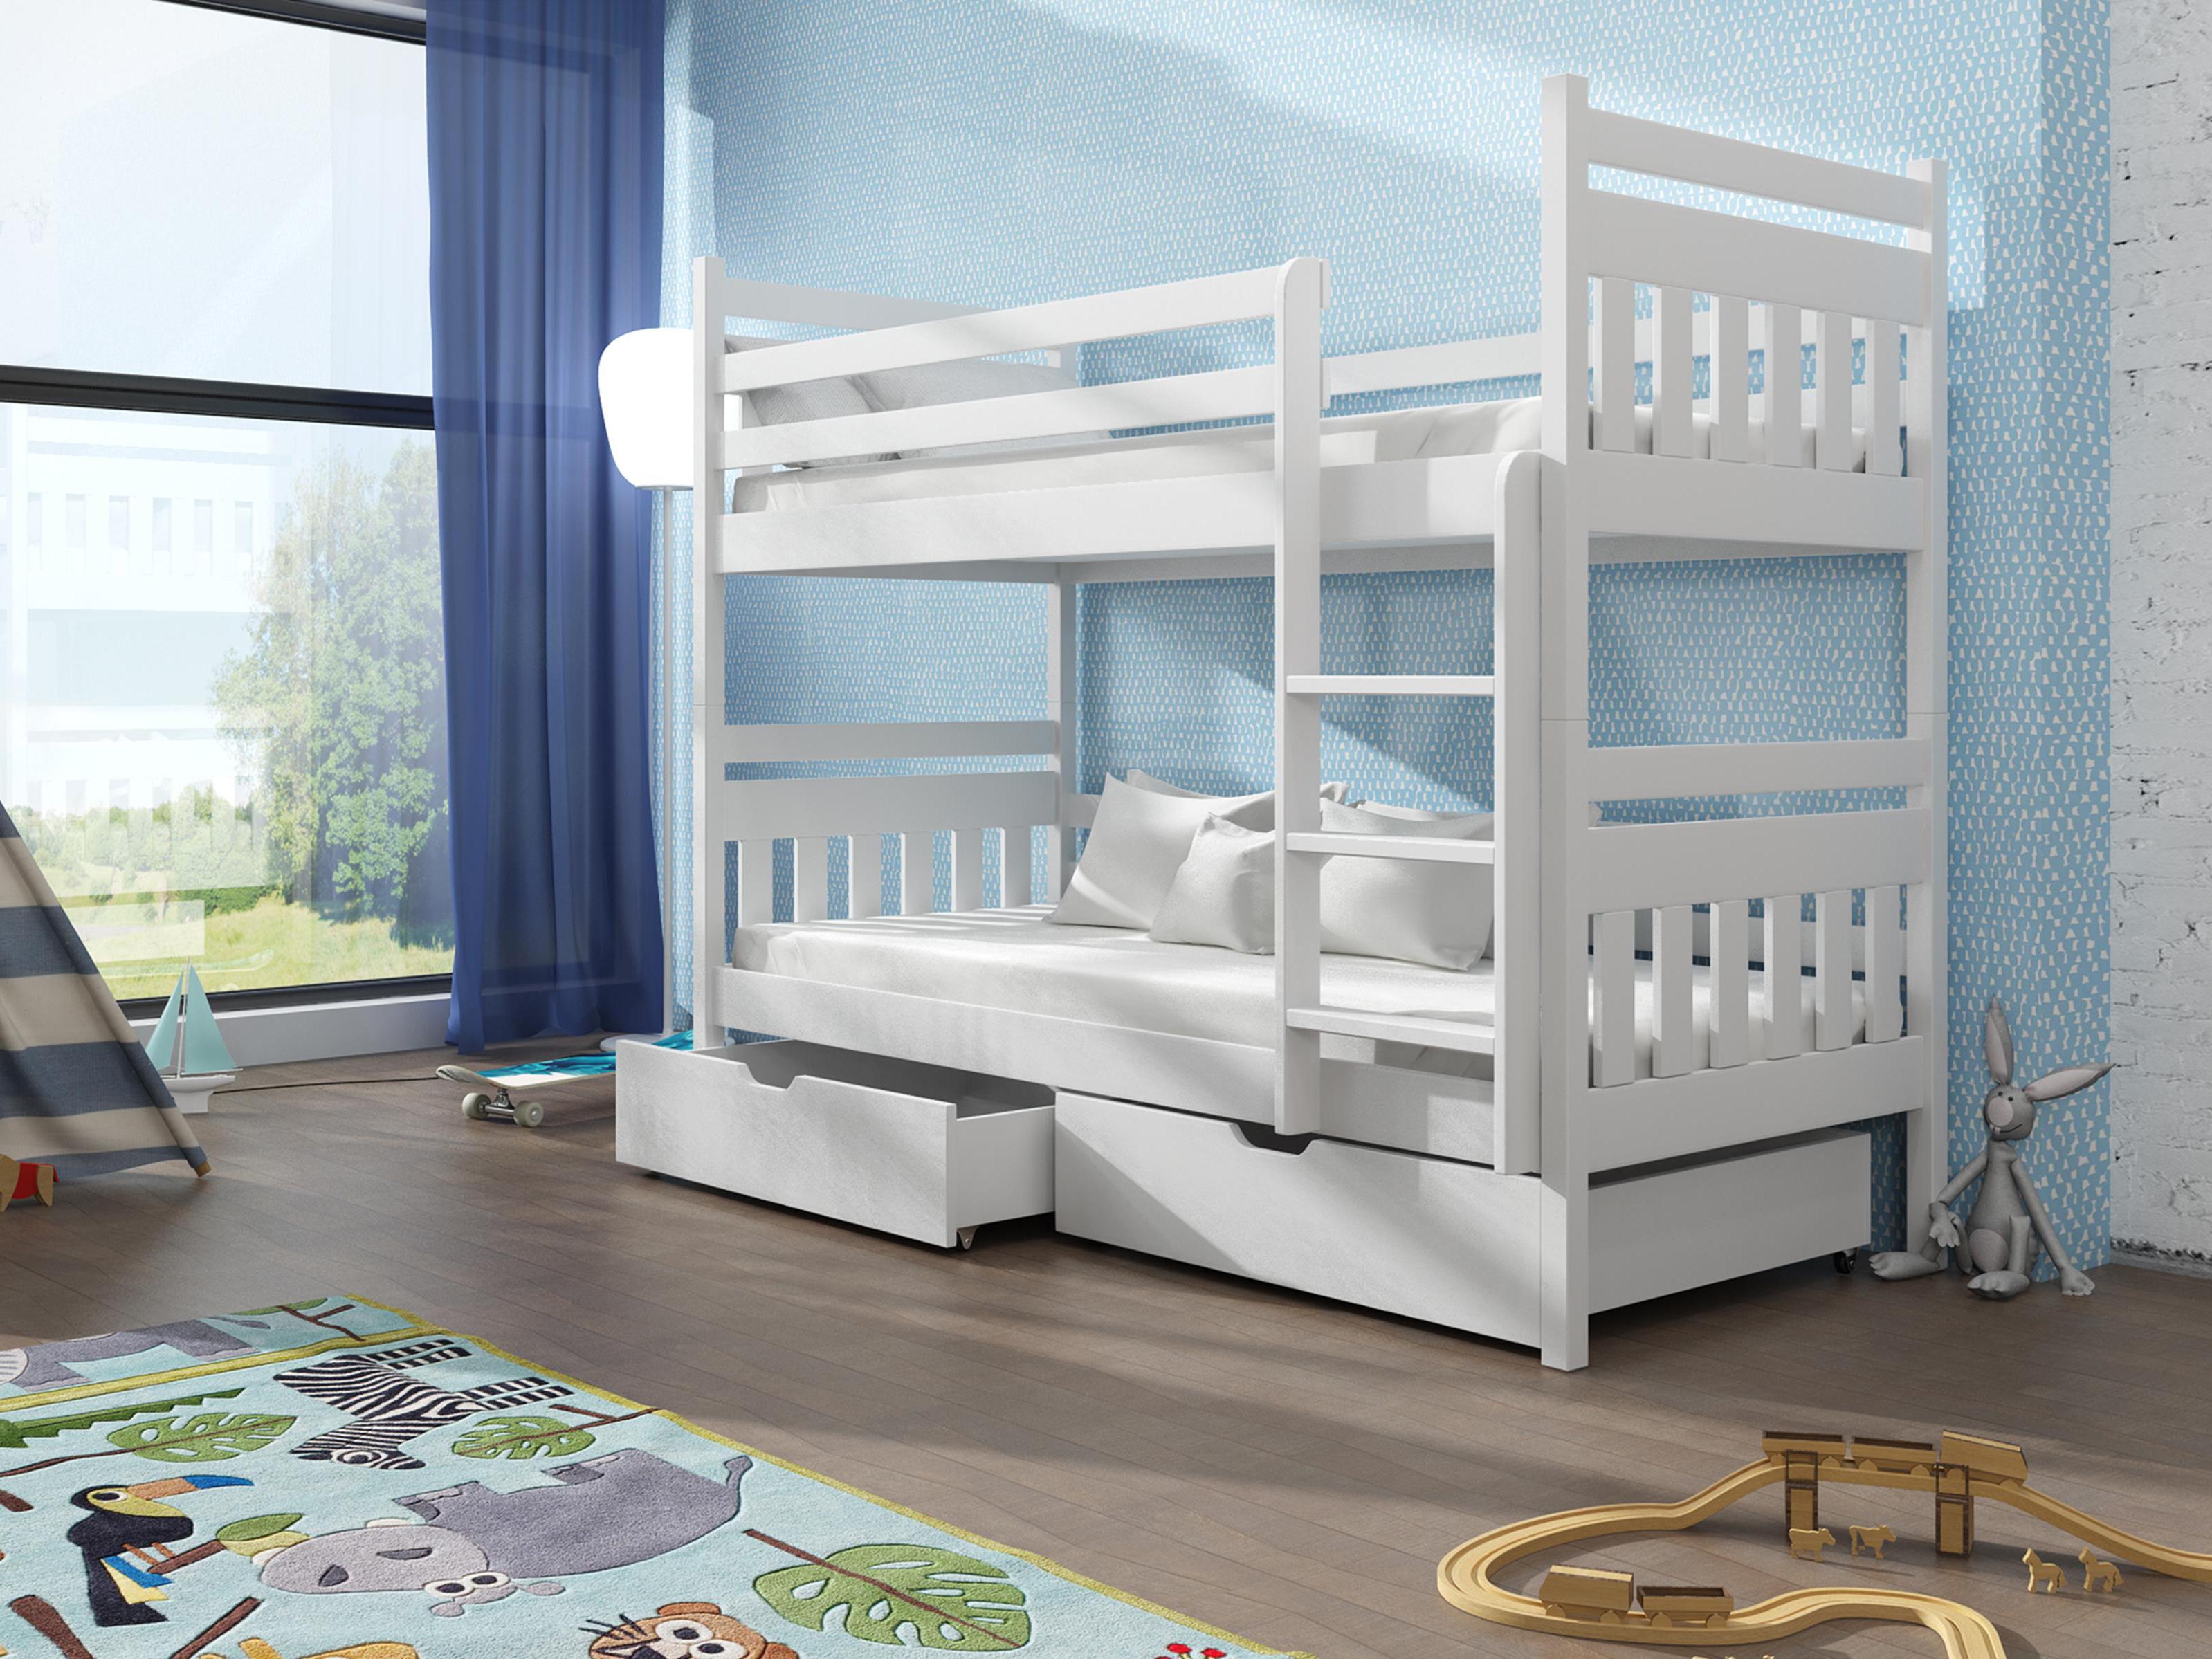 da863c989e5b9 Detská poschodová posteľ 90 cm Aras (biela) | NovýNábytok.sk